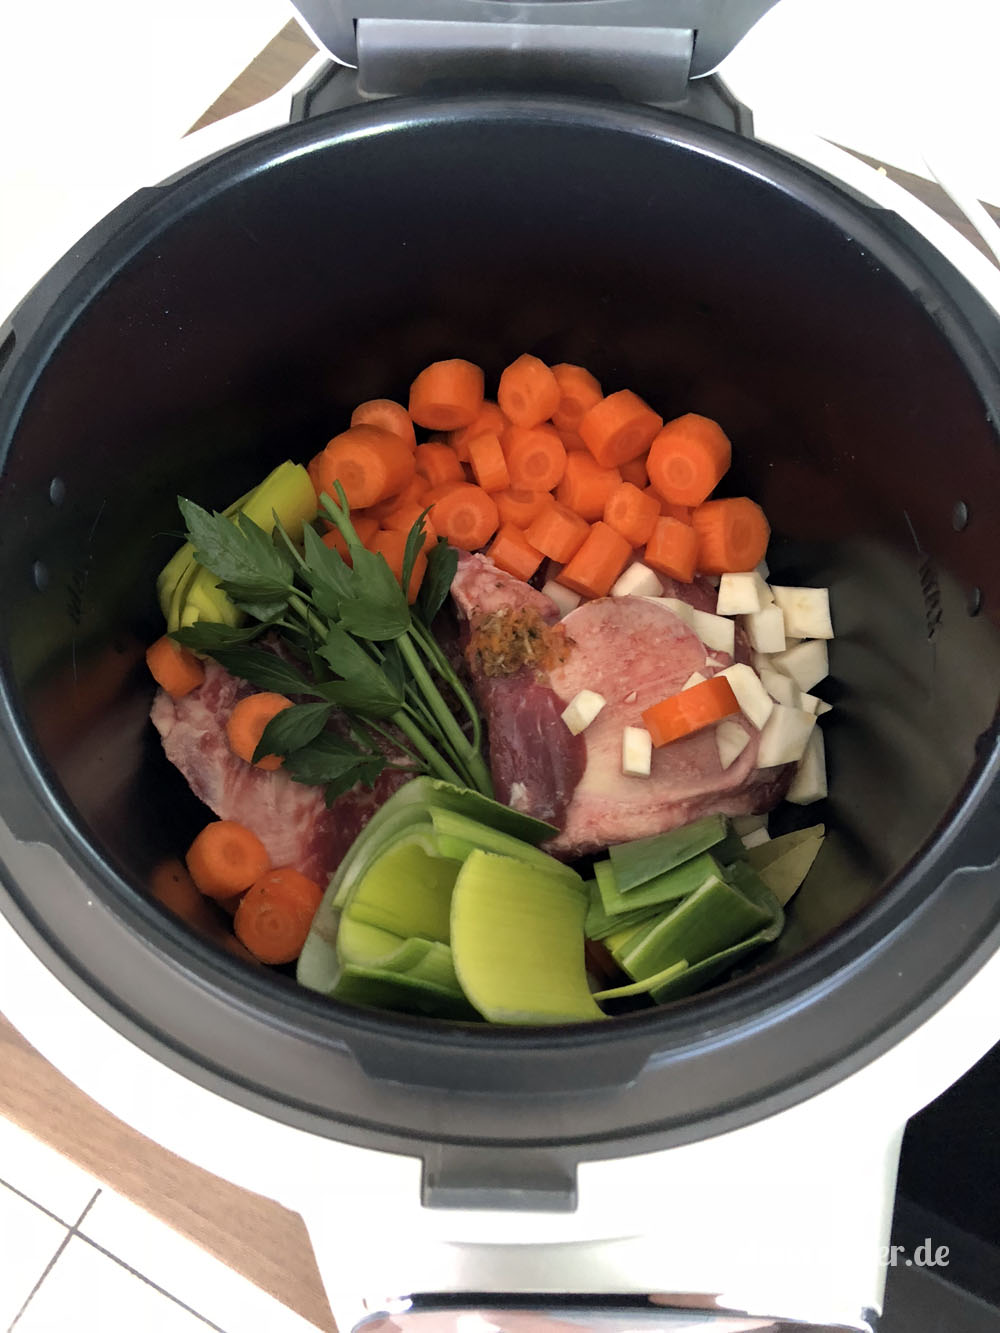 Cook4Me - Zutaten für Rindfleschsuppe, aber welches Programm?